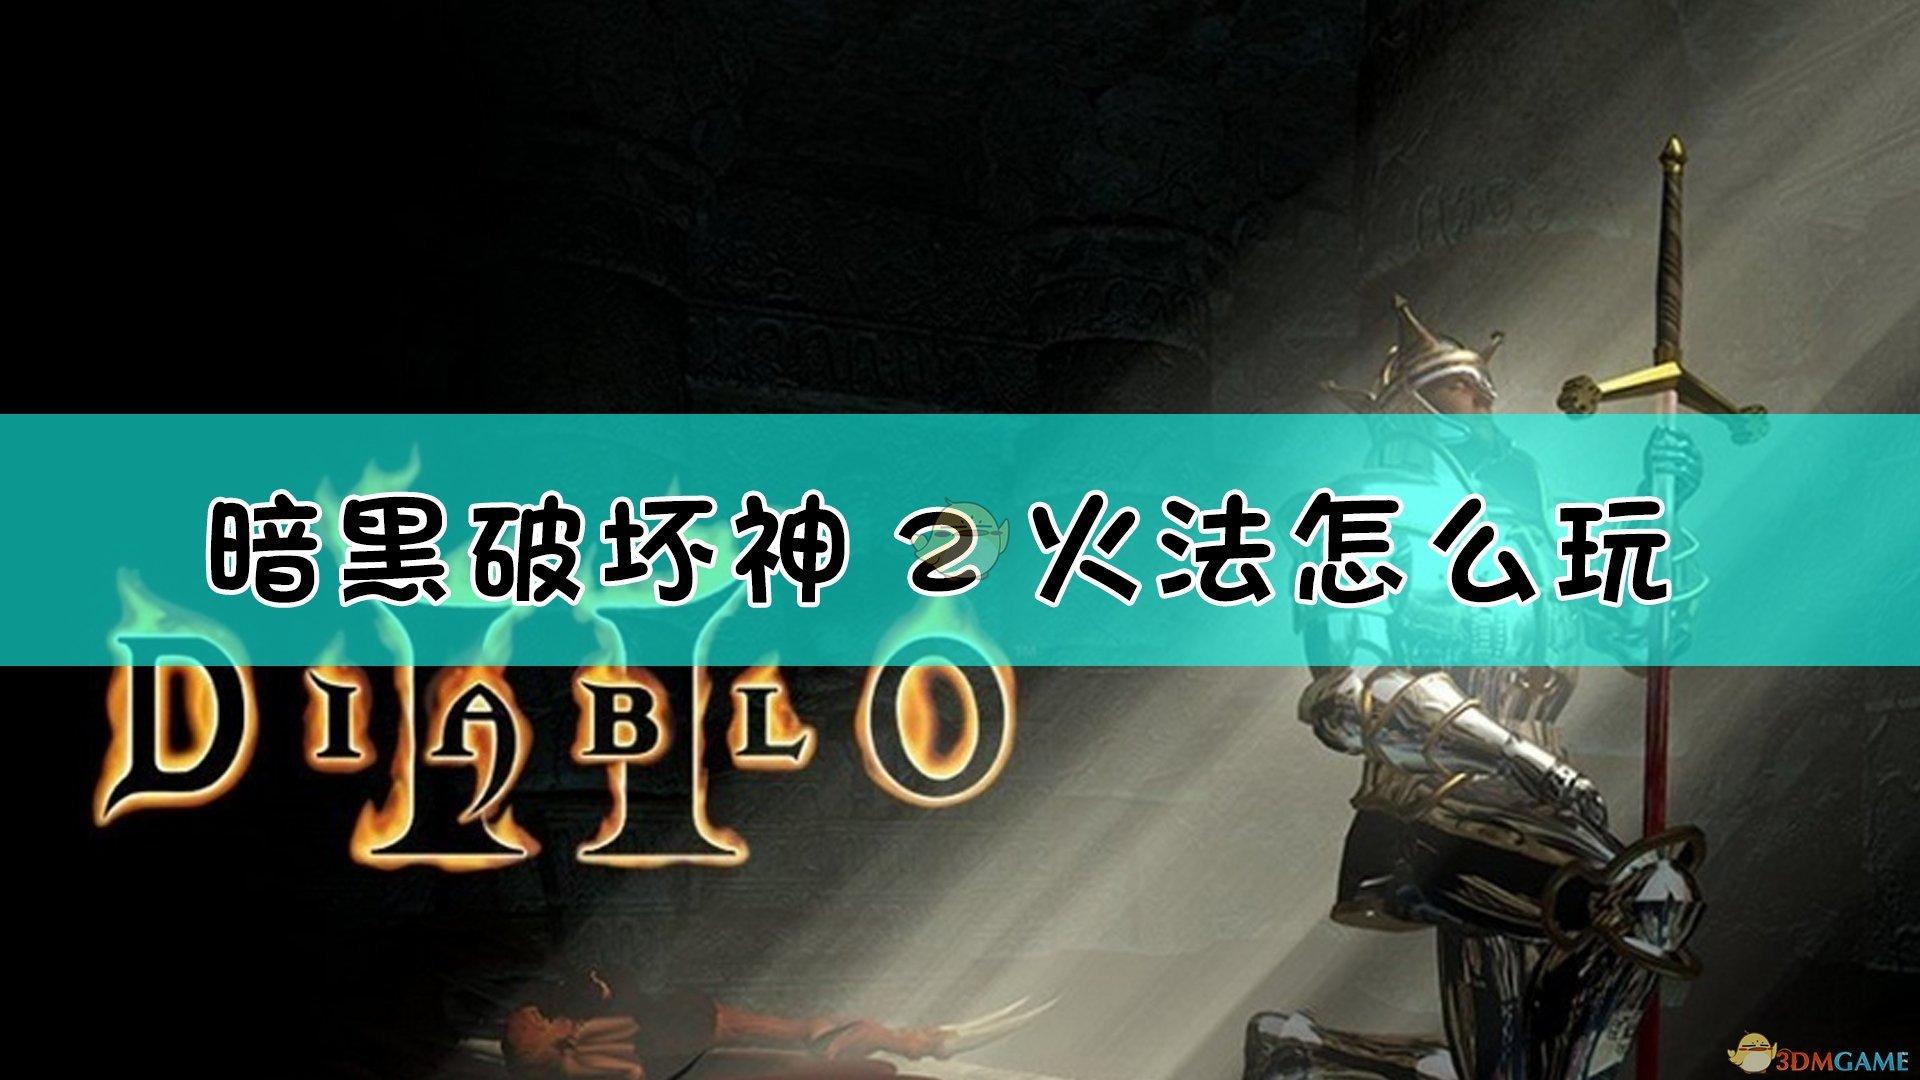 《暗黑破坏神2》KN凤凰火法配装指南